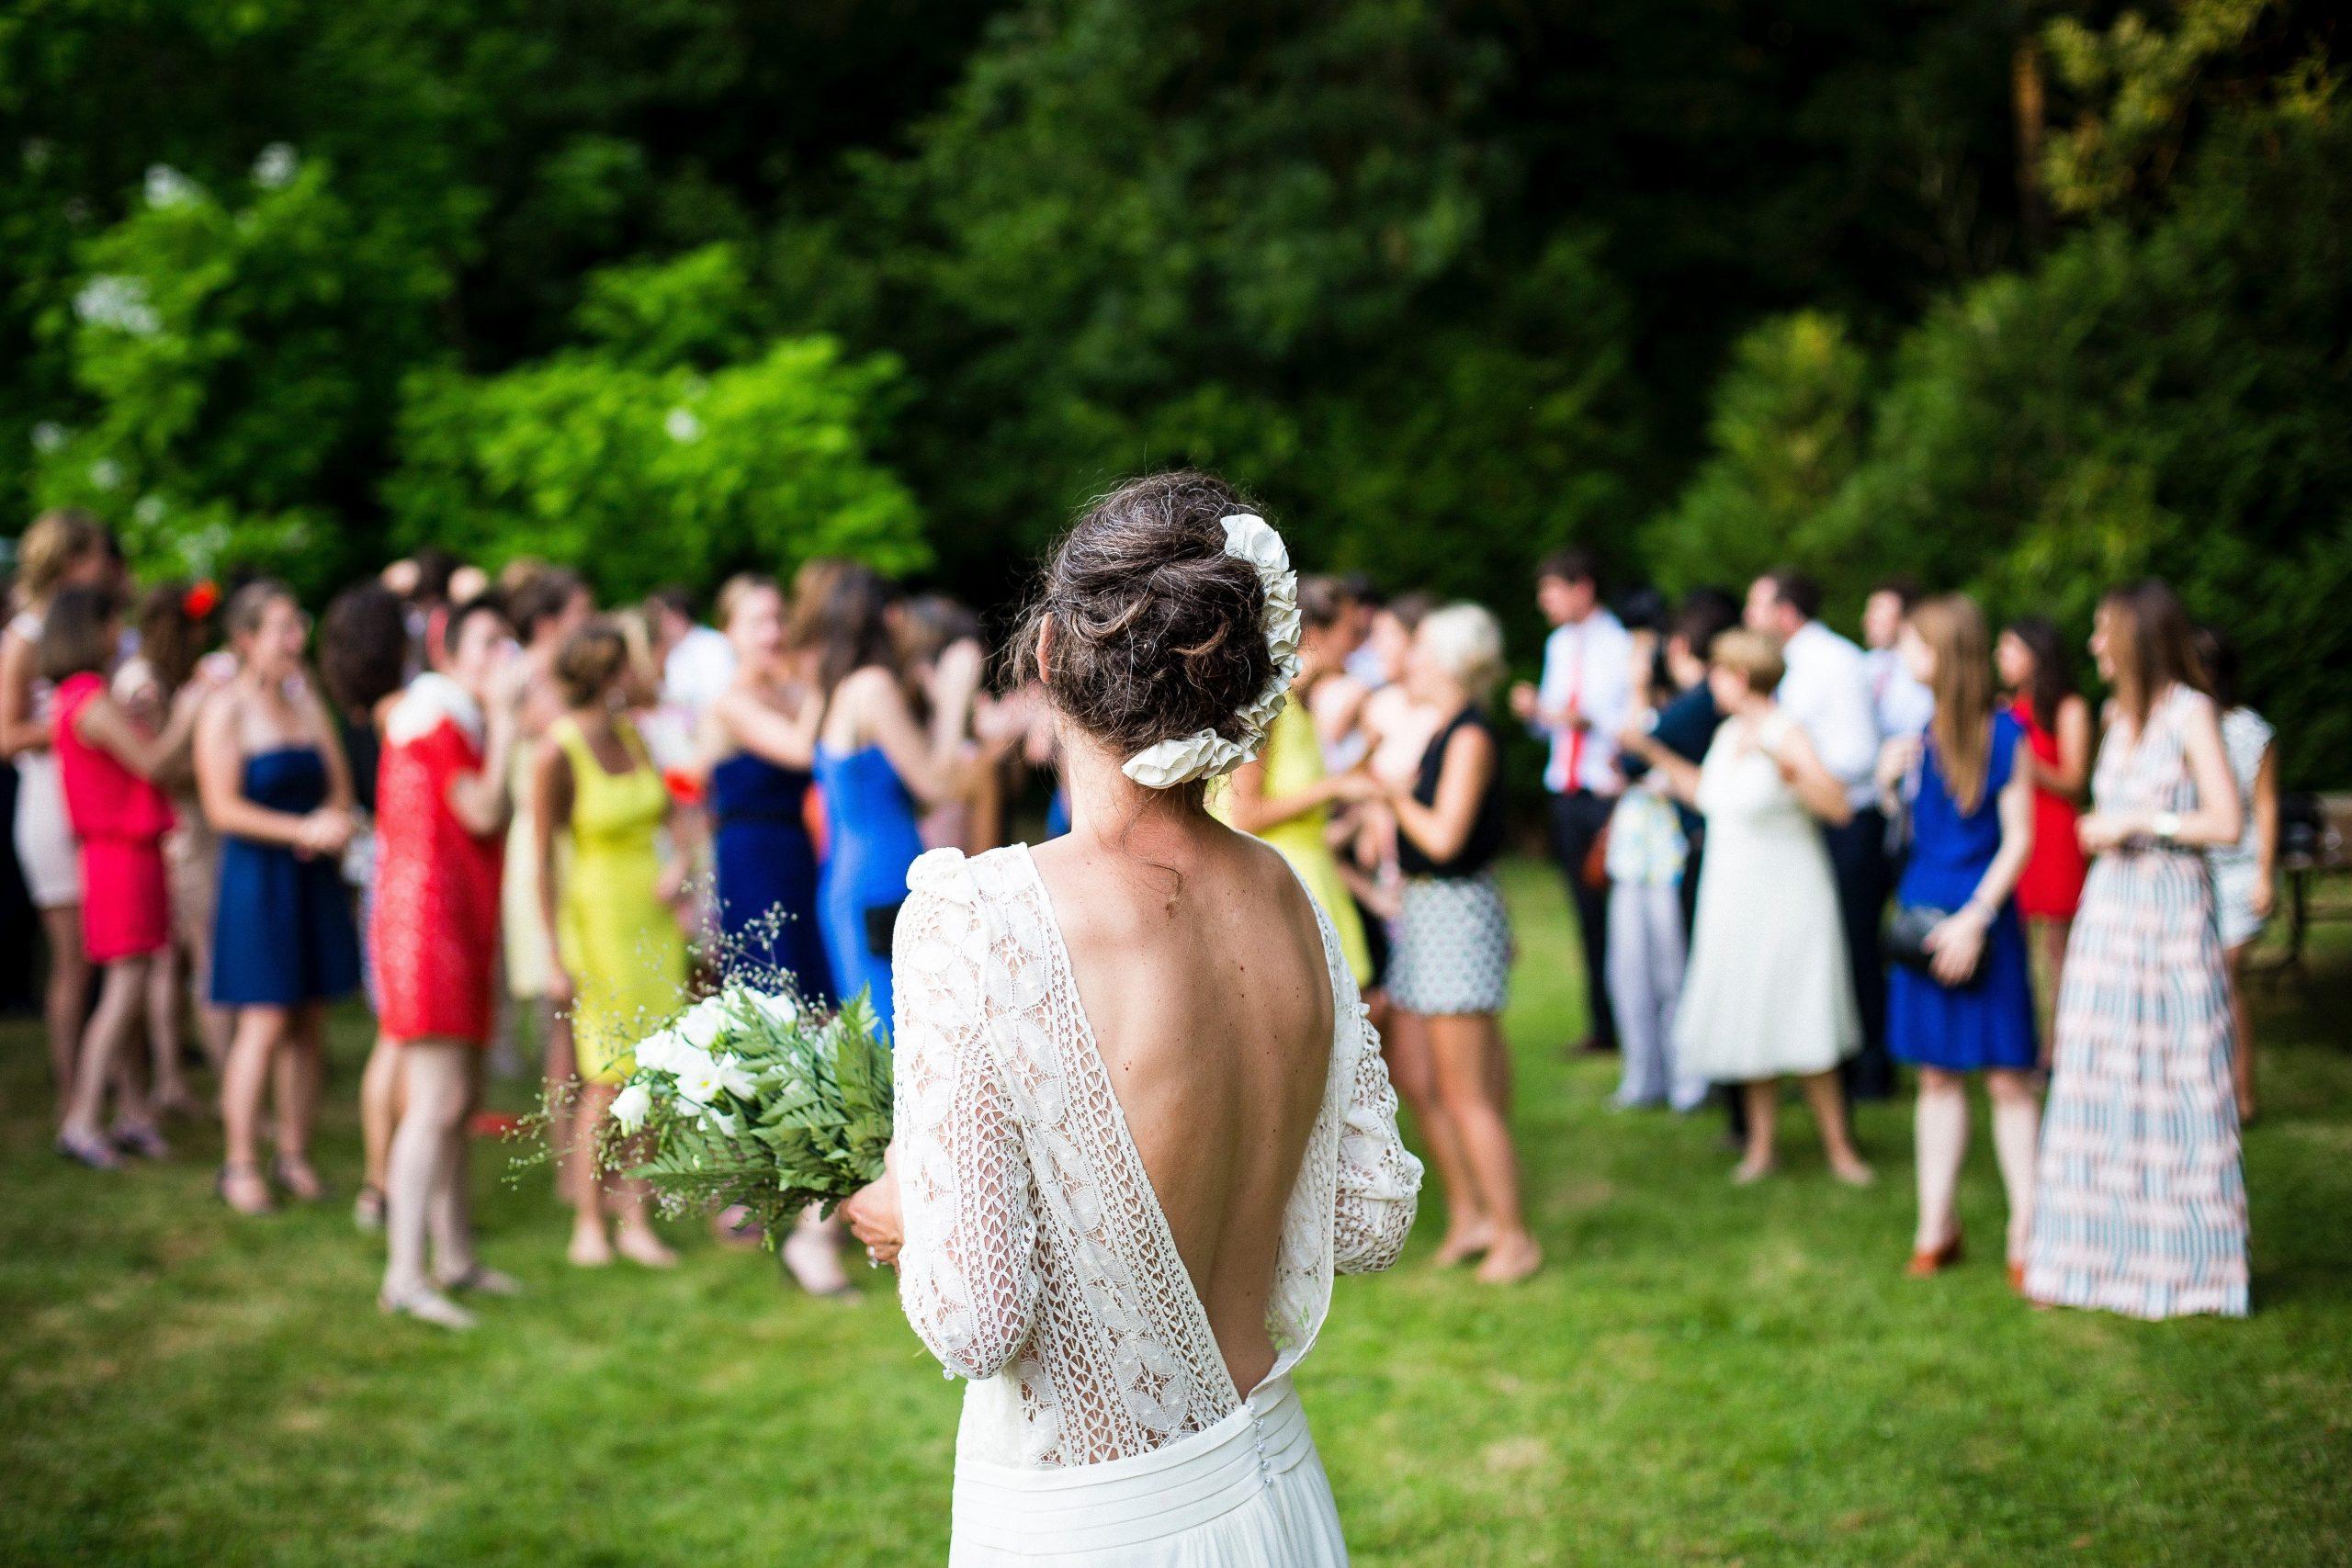 Chi invitare al matrimonio? Come stilare la lista